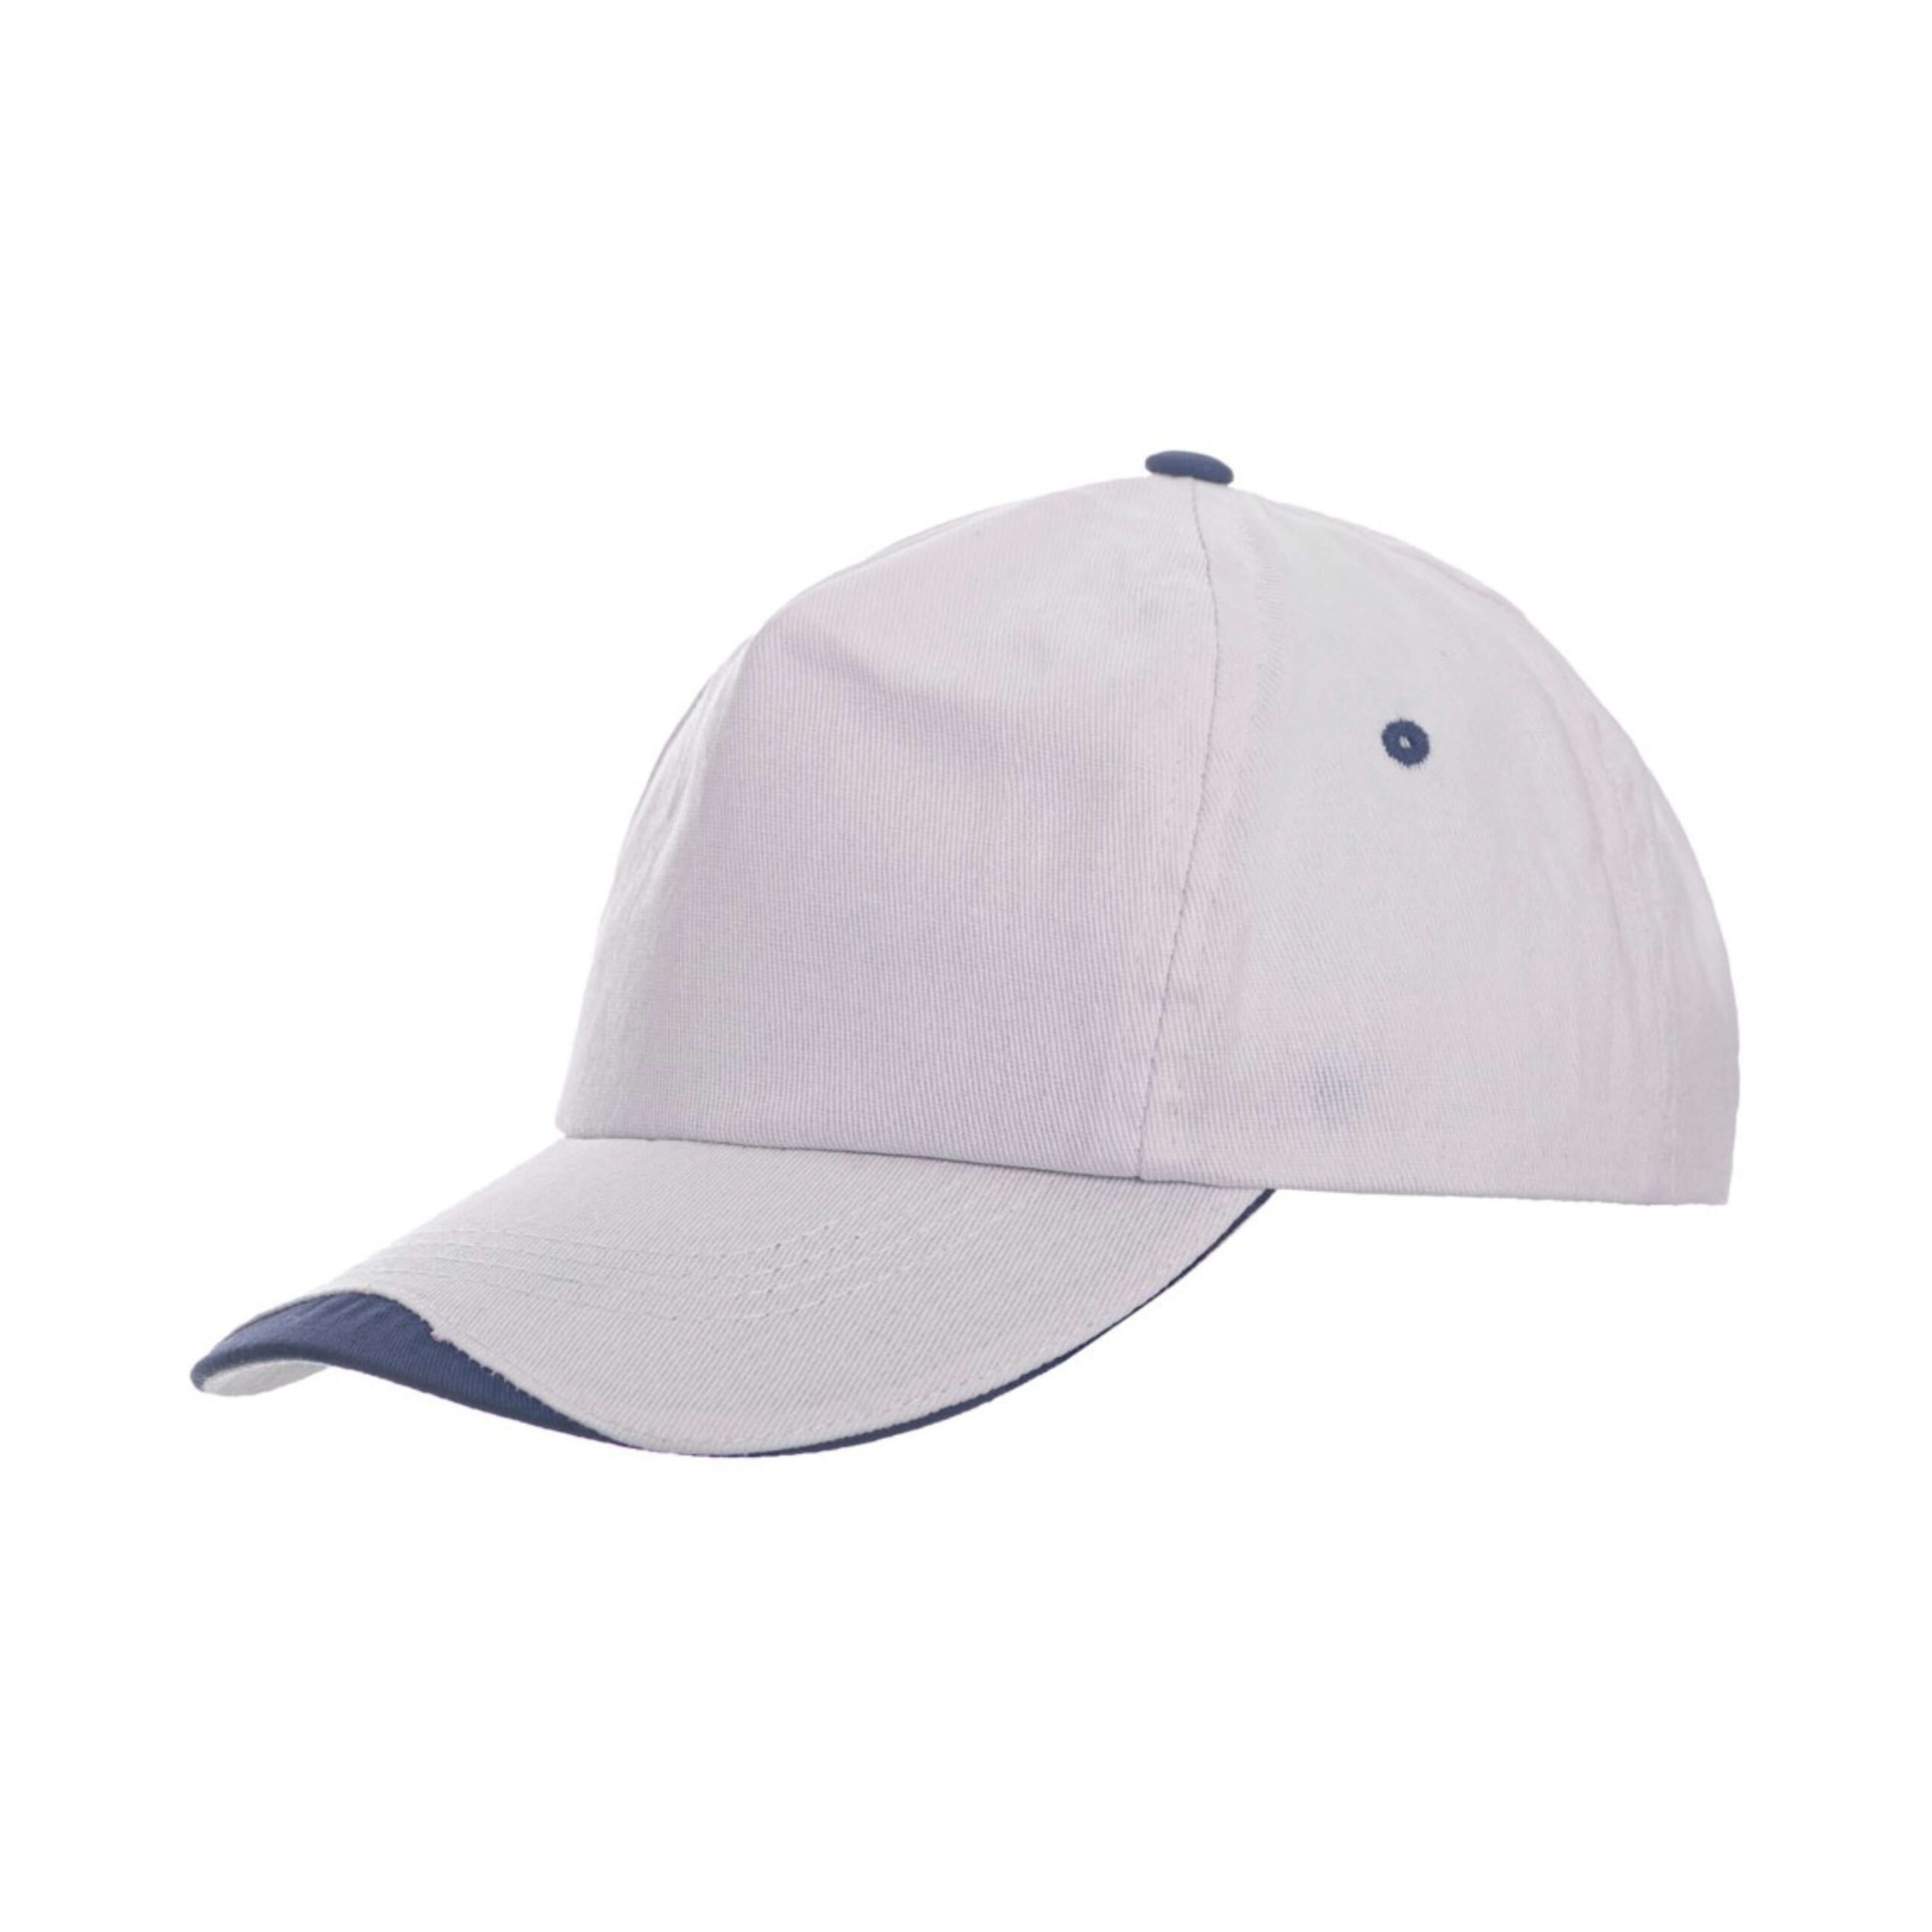 jockey-hat-cotton-bicolor-00826-2